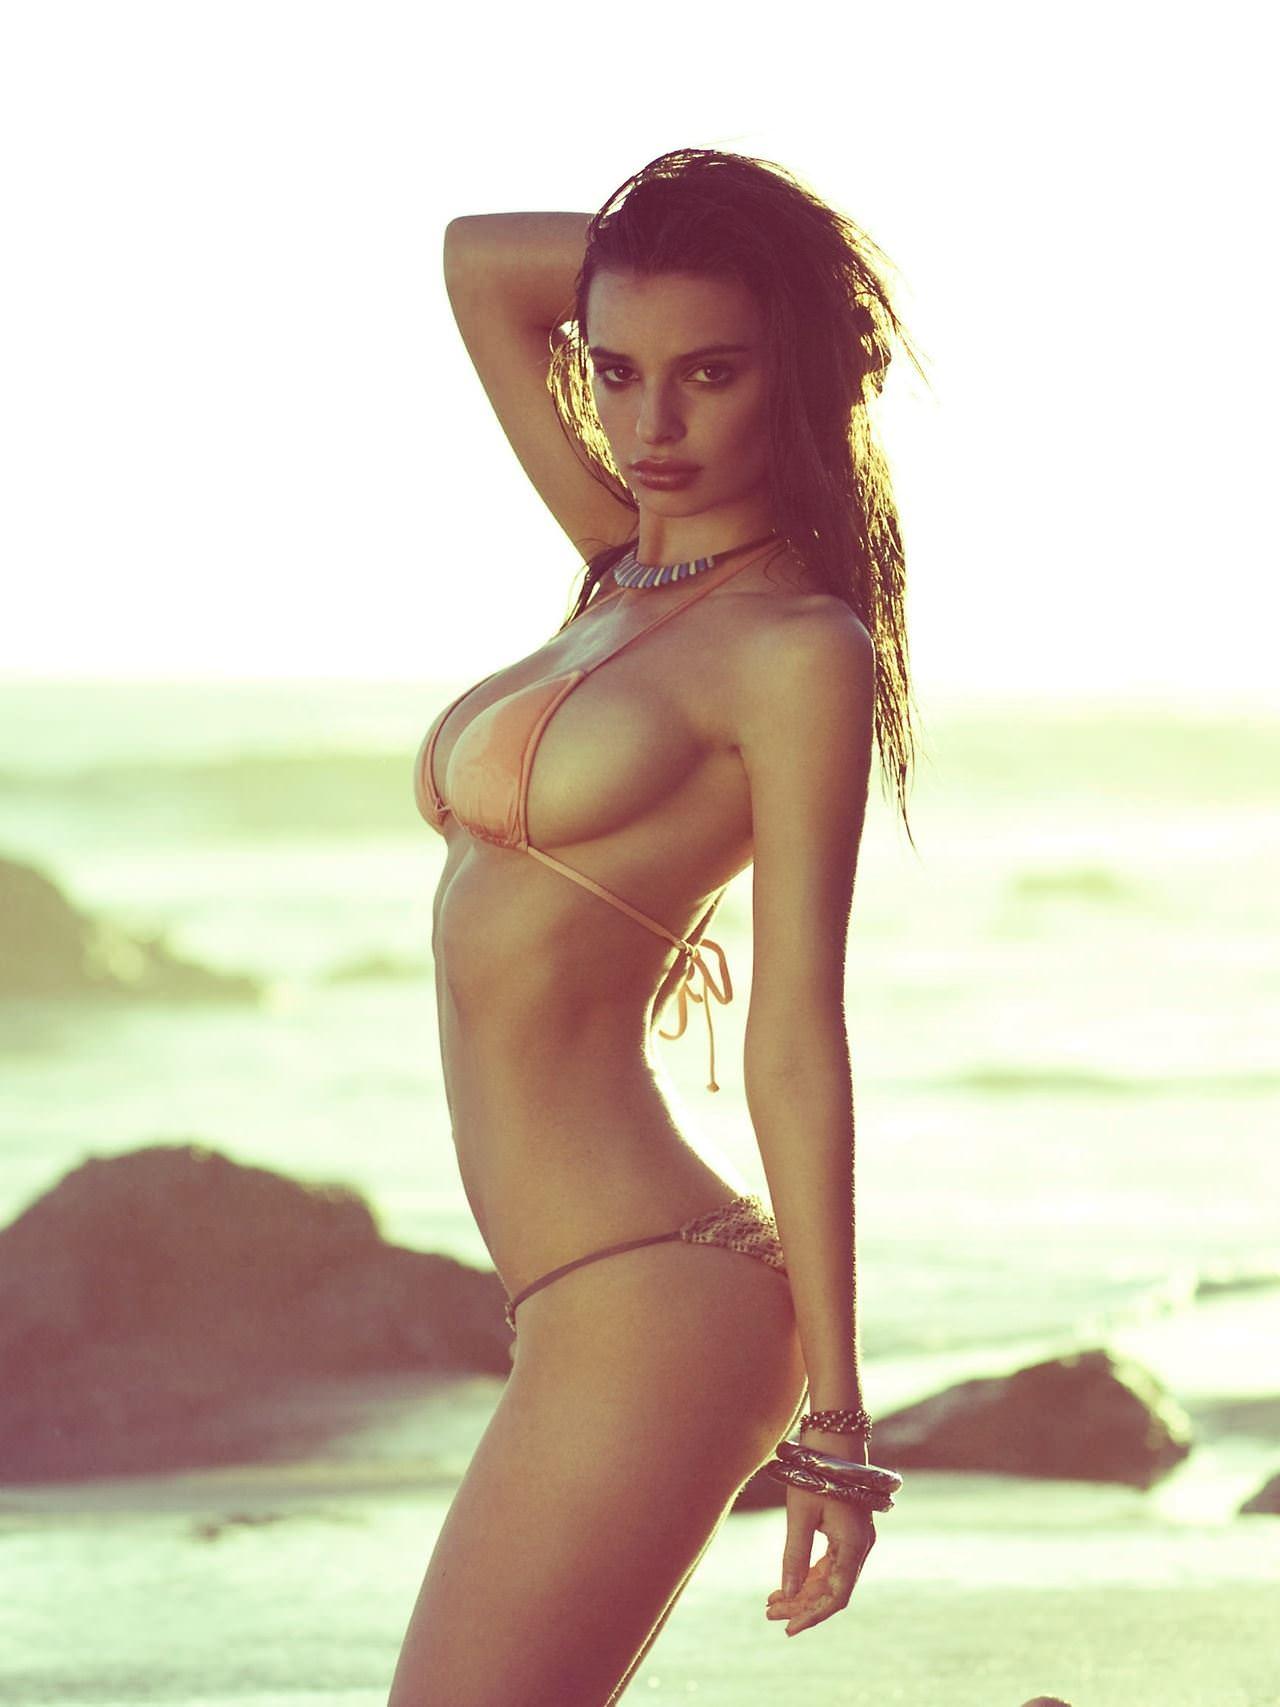 【外人】一生セックス出来ないであろう海外のとんでも美女たちのセクシーポルノ画像 5260